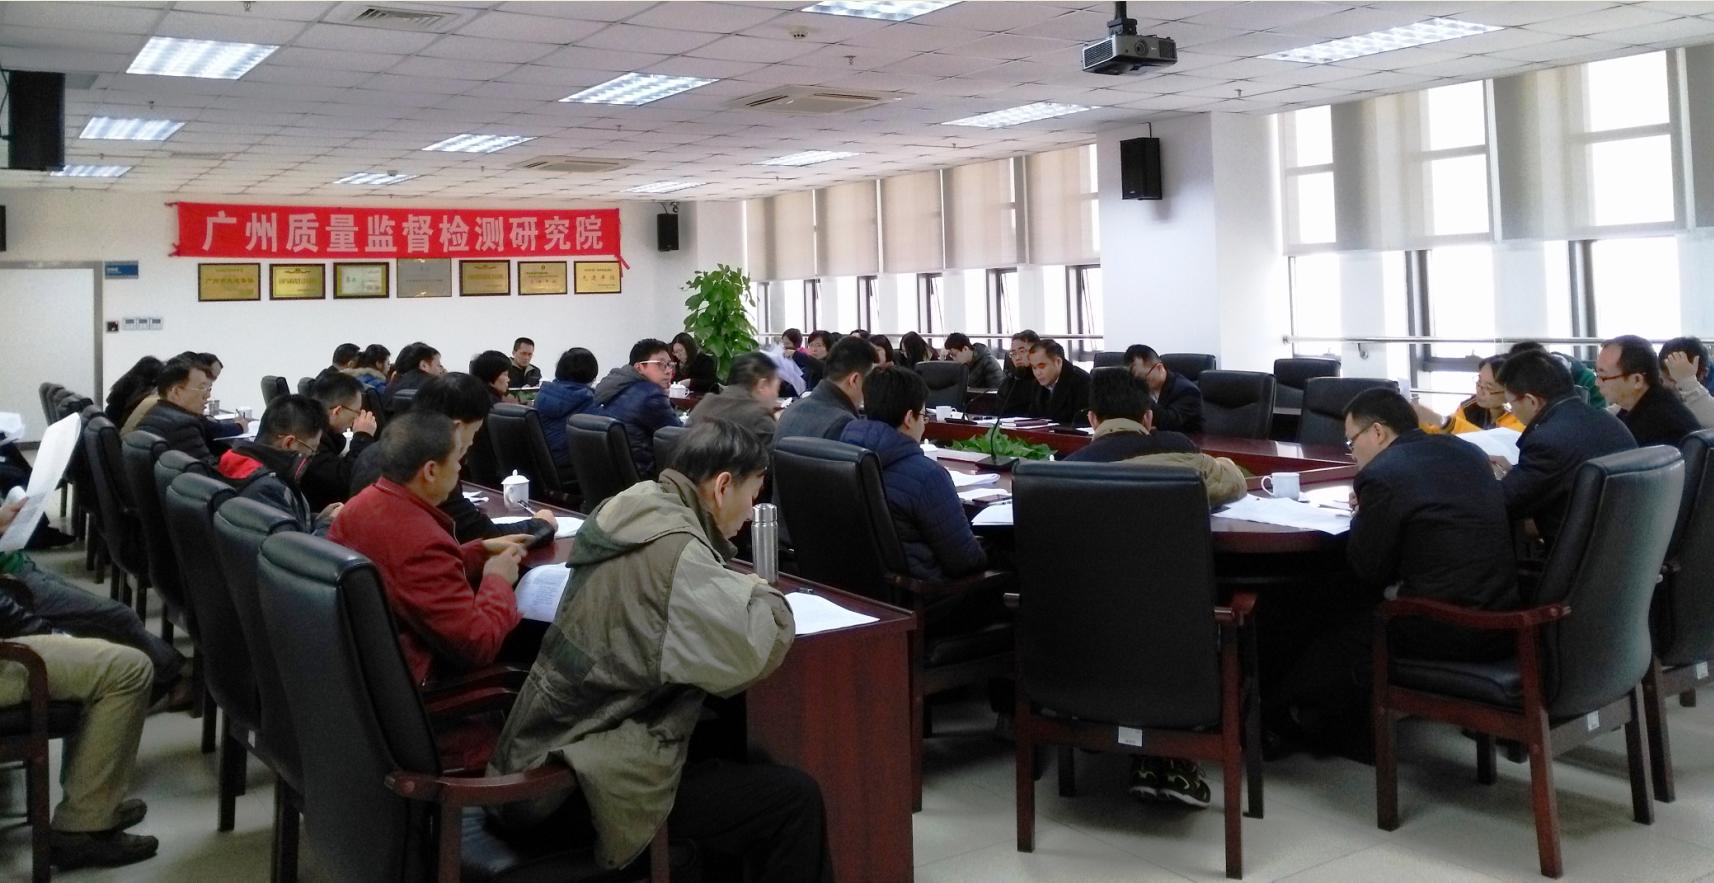 广州质检院开展管理体系内部审核现场